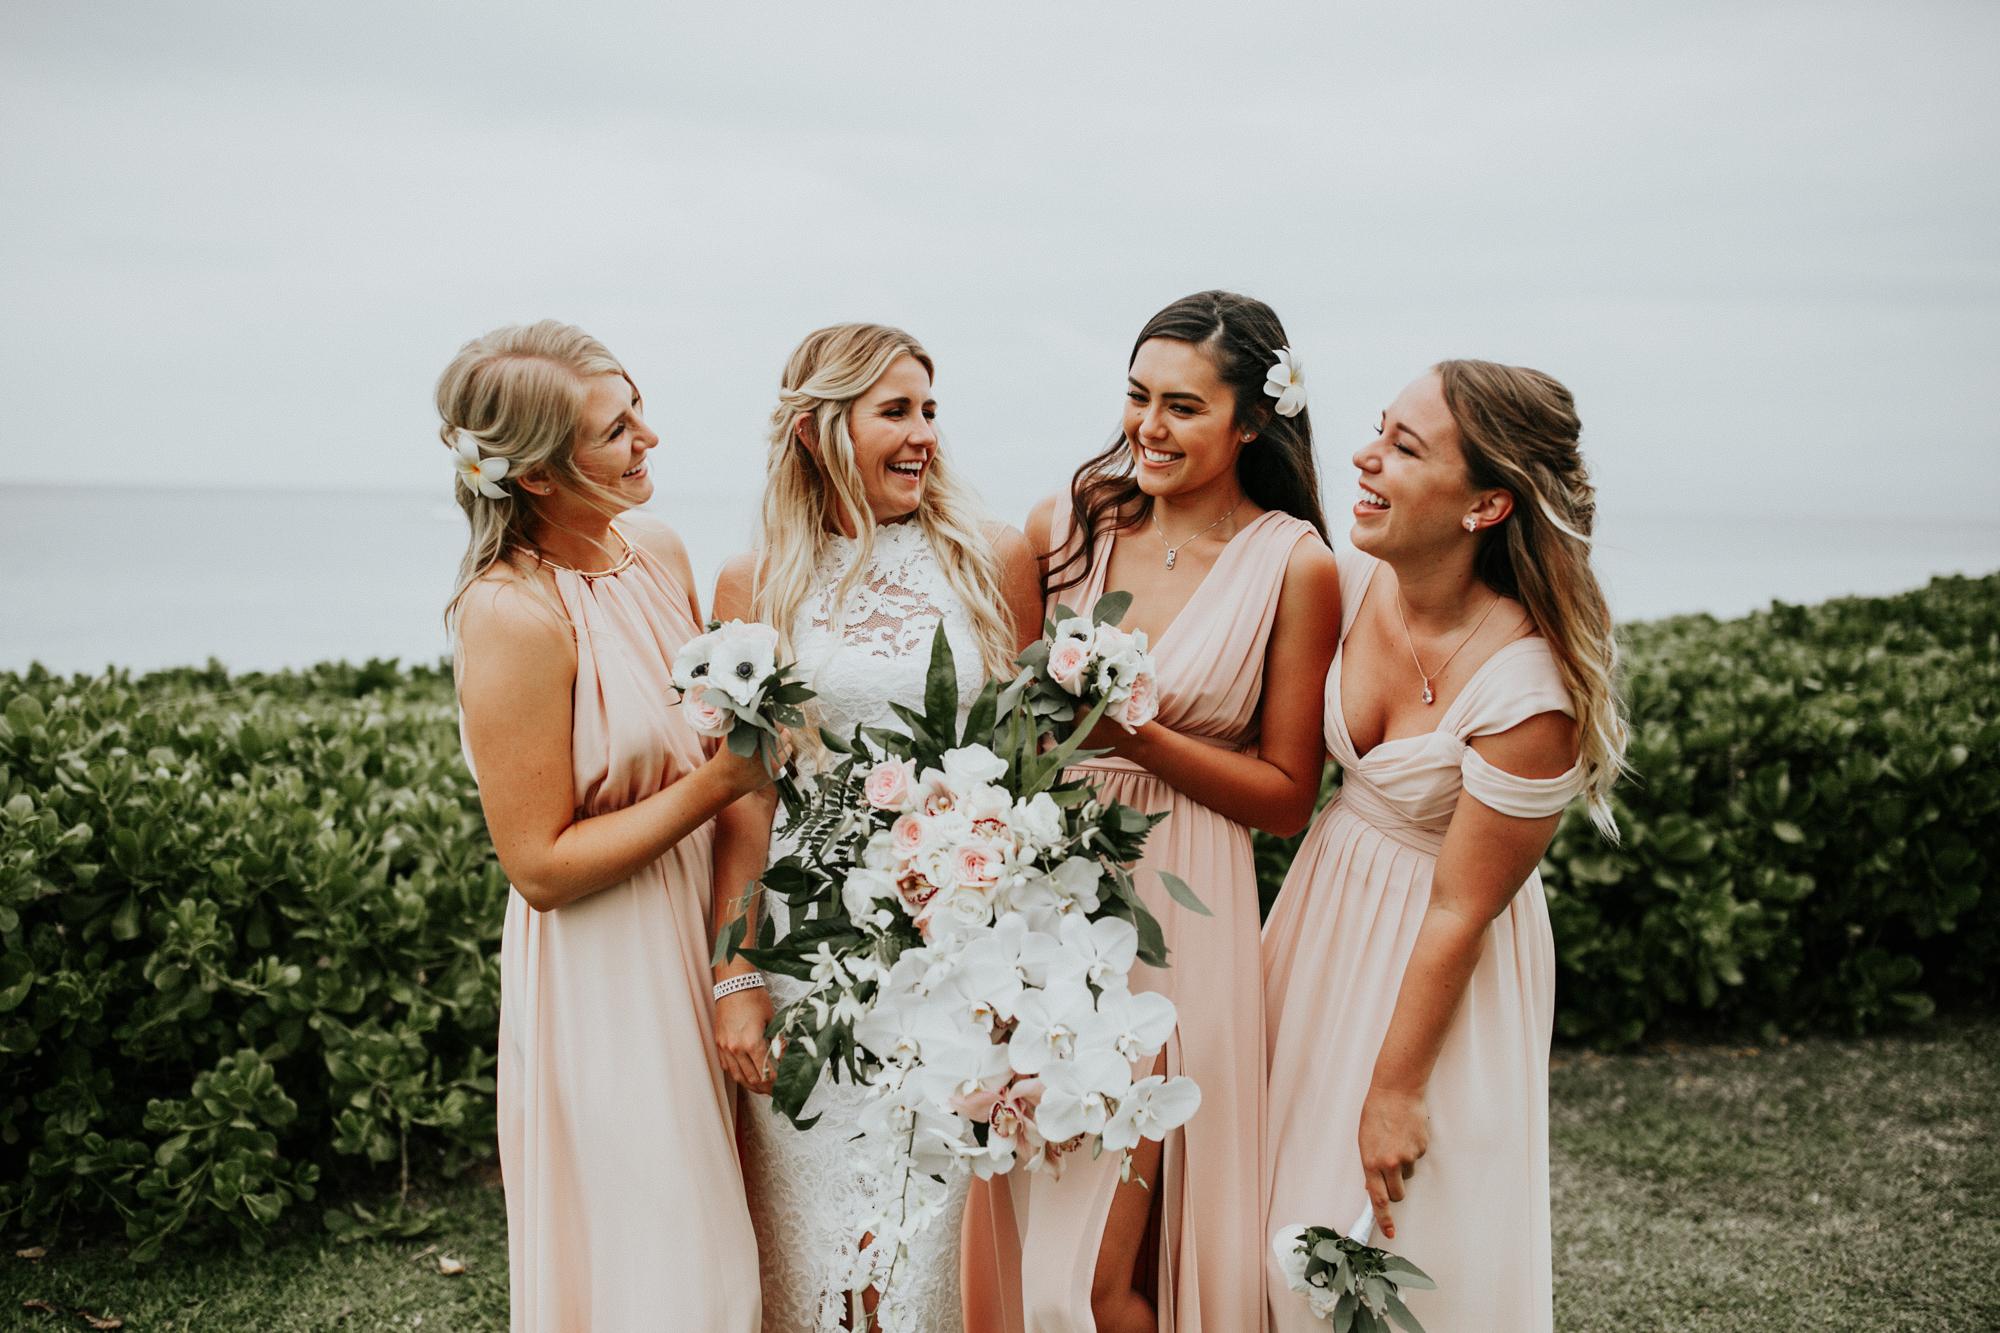 destination-wedding-photographer-hawaii-maui-elopement-57.jpg